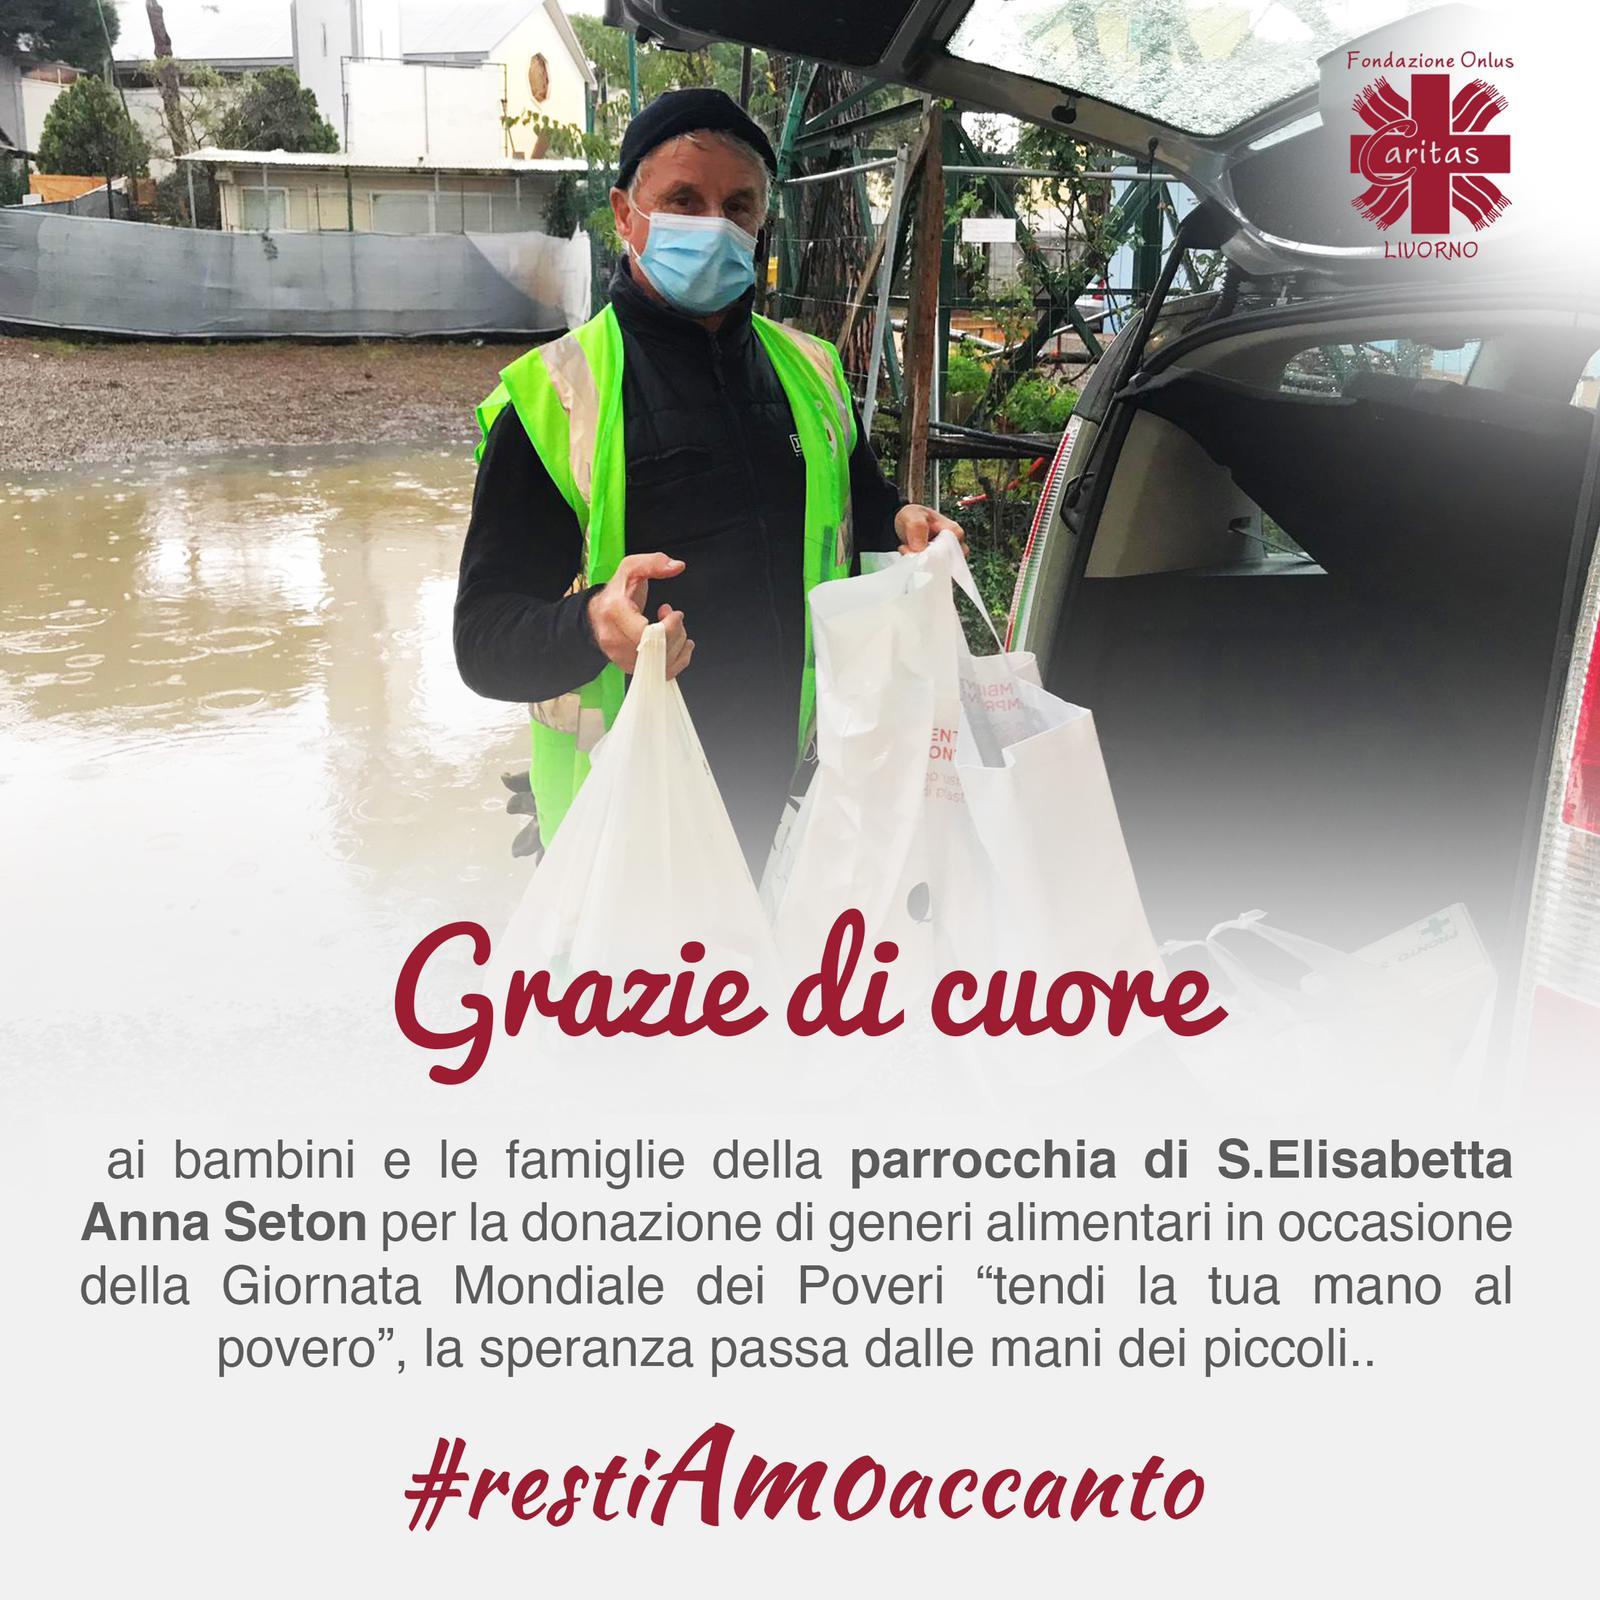 Donazione alimentare dalla parrocchia di S. Elisabetta Anna Seton